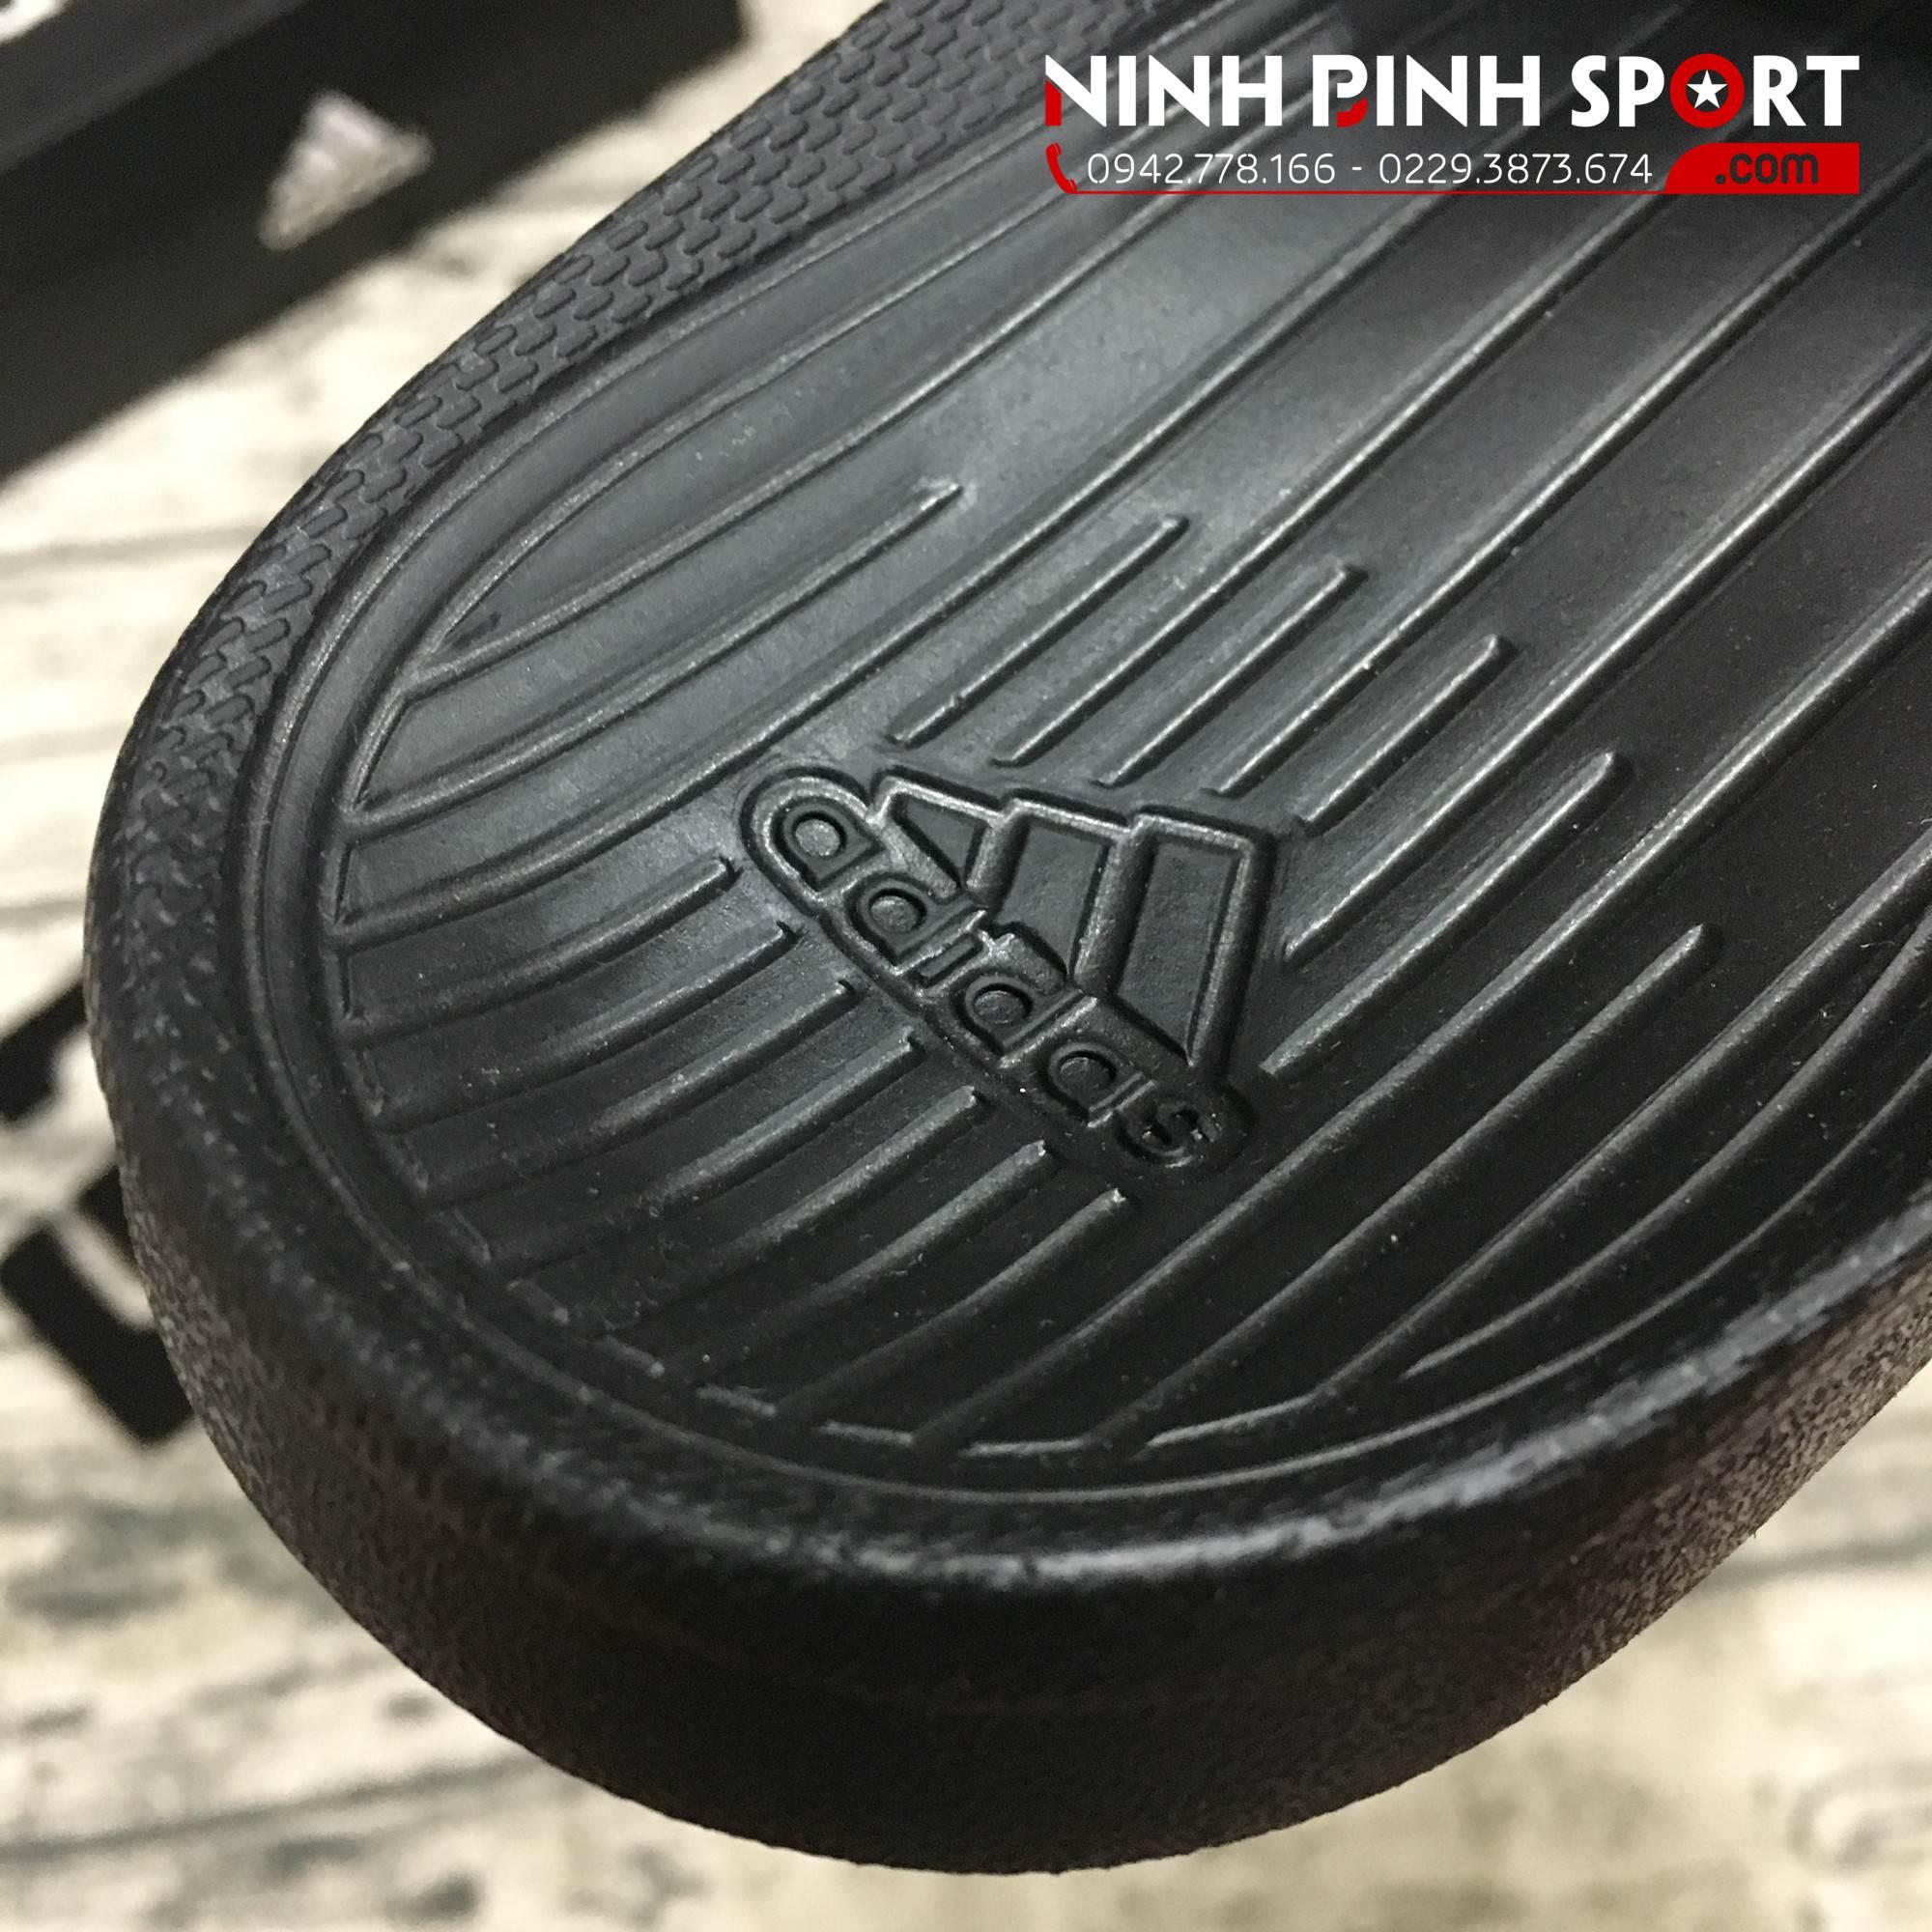 Dép thể thao nam Adidas Duramo Slide S77991